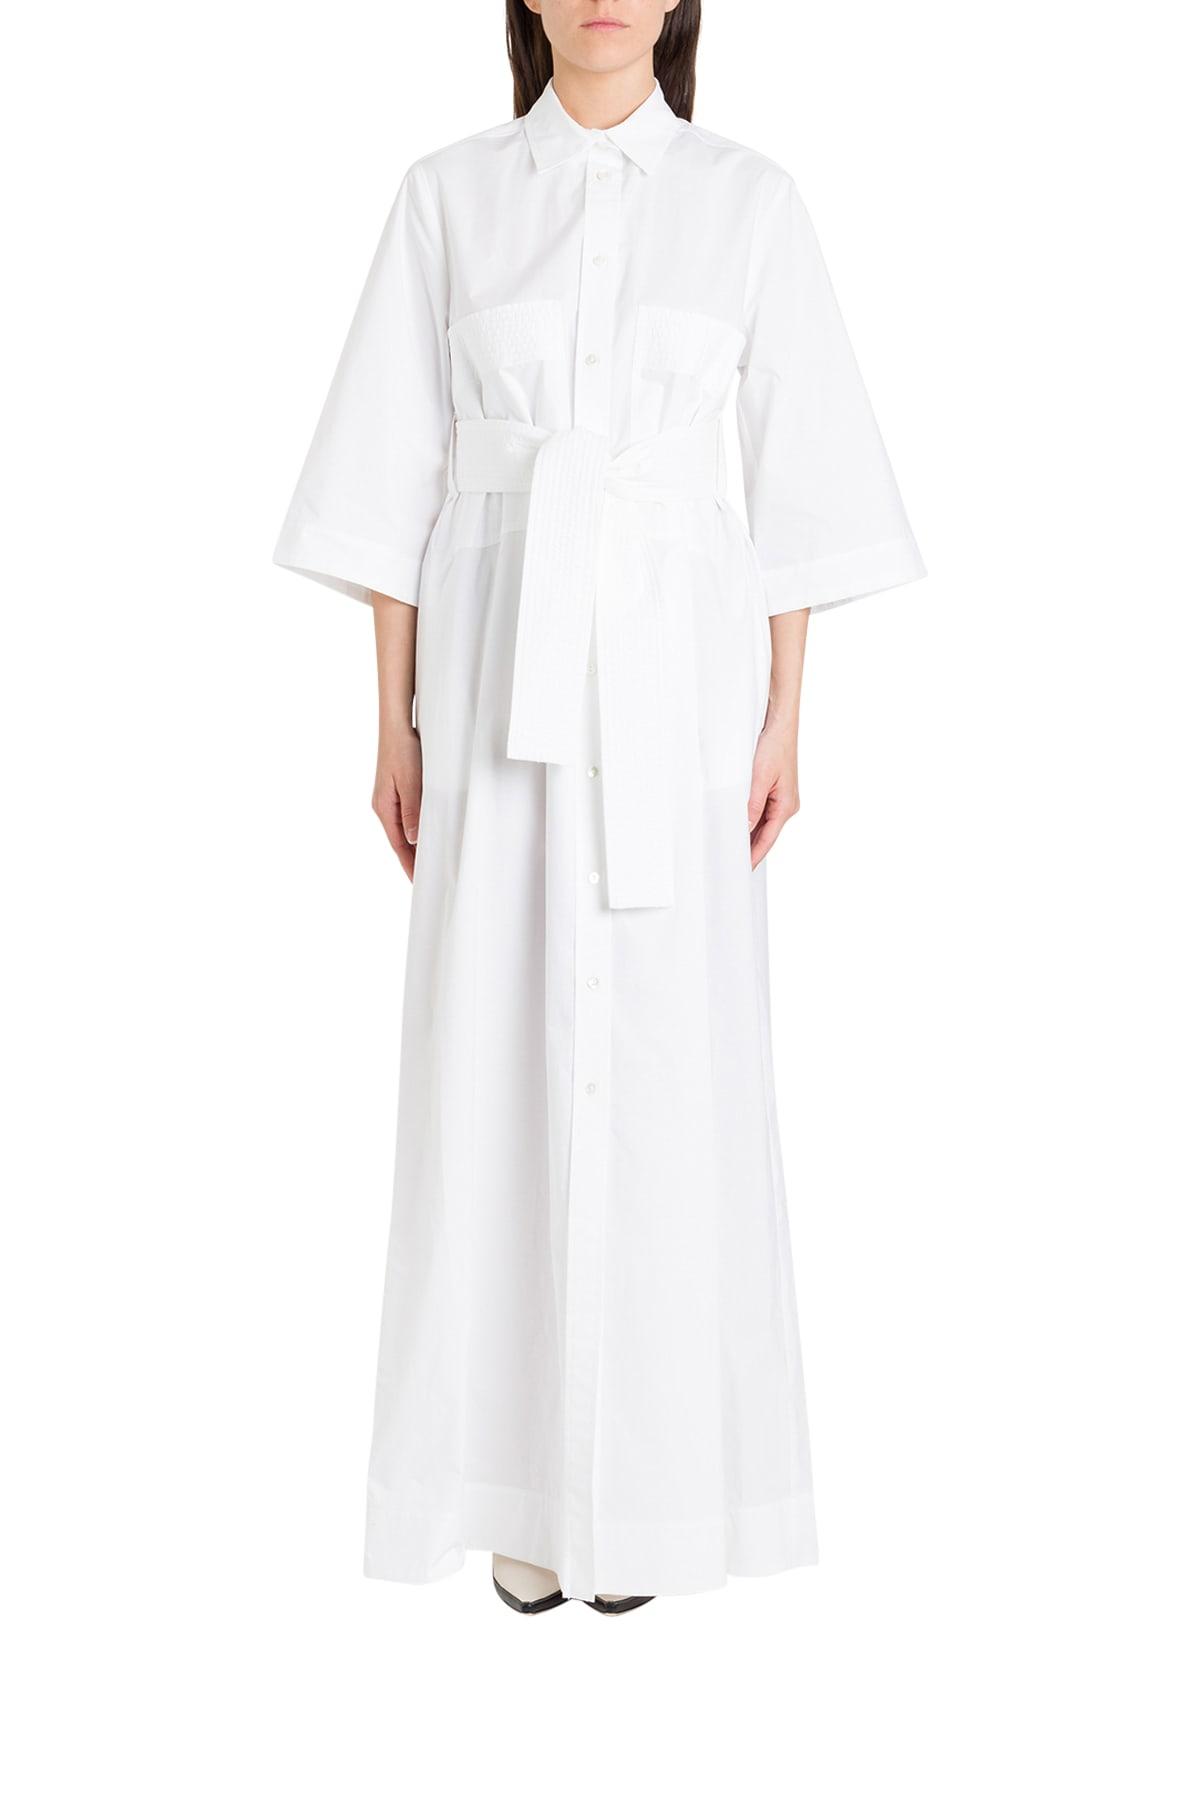 Buy Parosh Pinafore Dress online, shop Parosh with free shipping